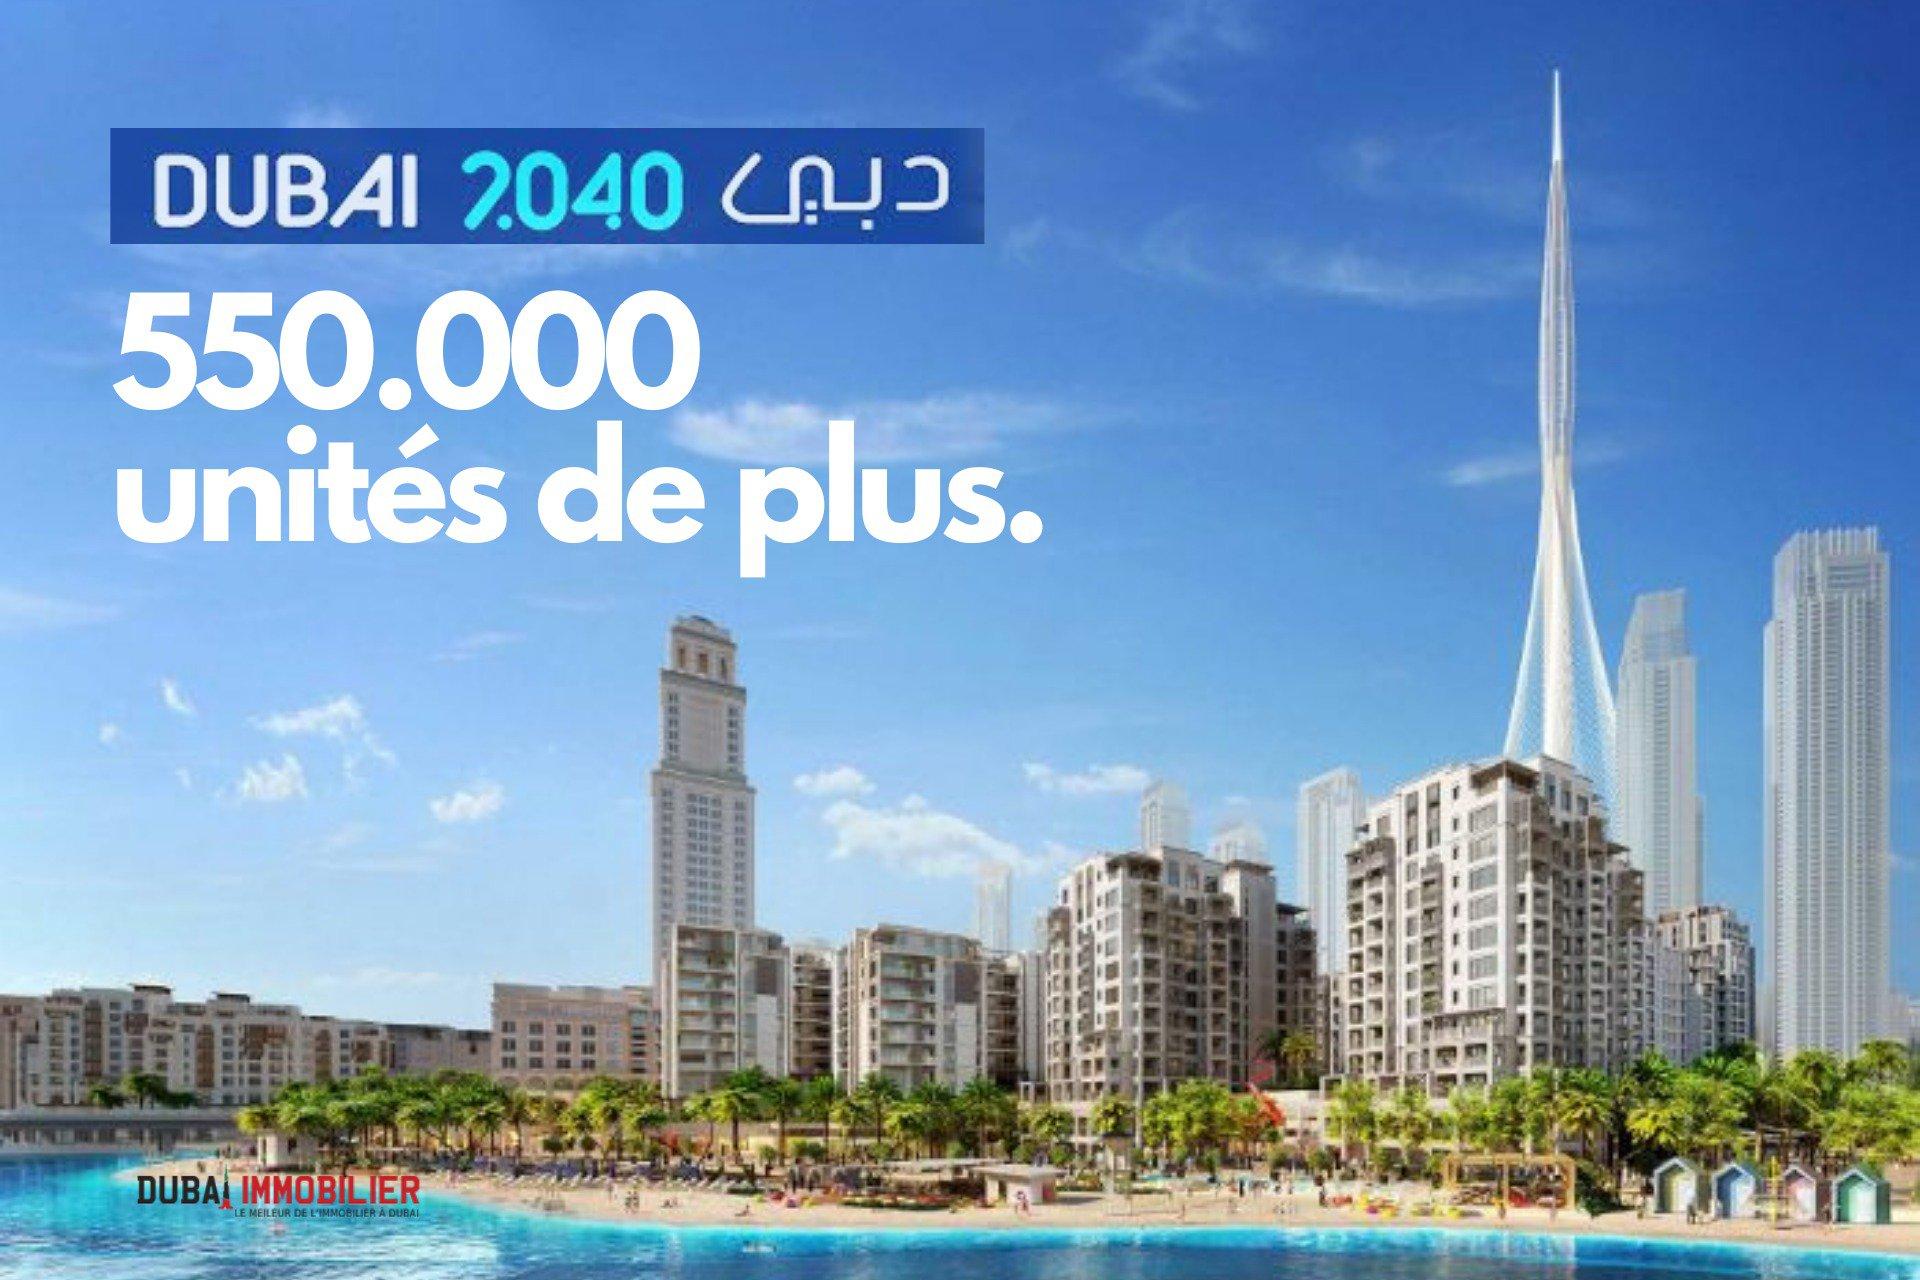 Plan d'urbanisme de Dubaï : 550 000 nouvelles unités immobilières nécessaires